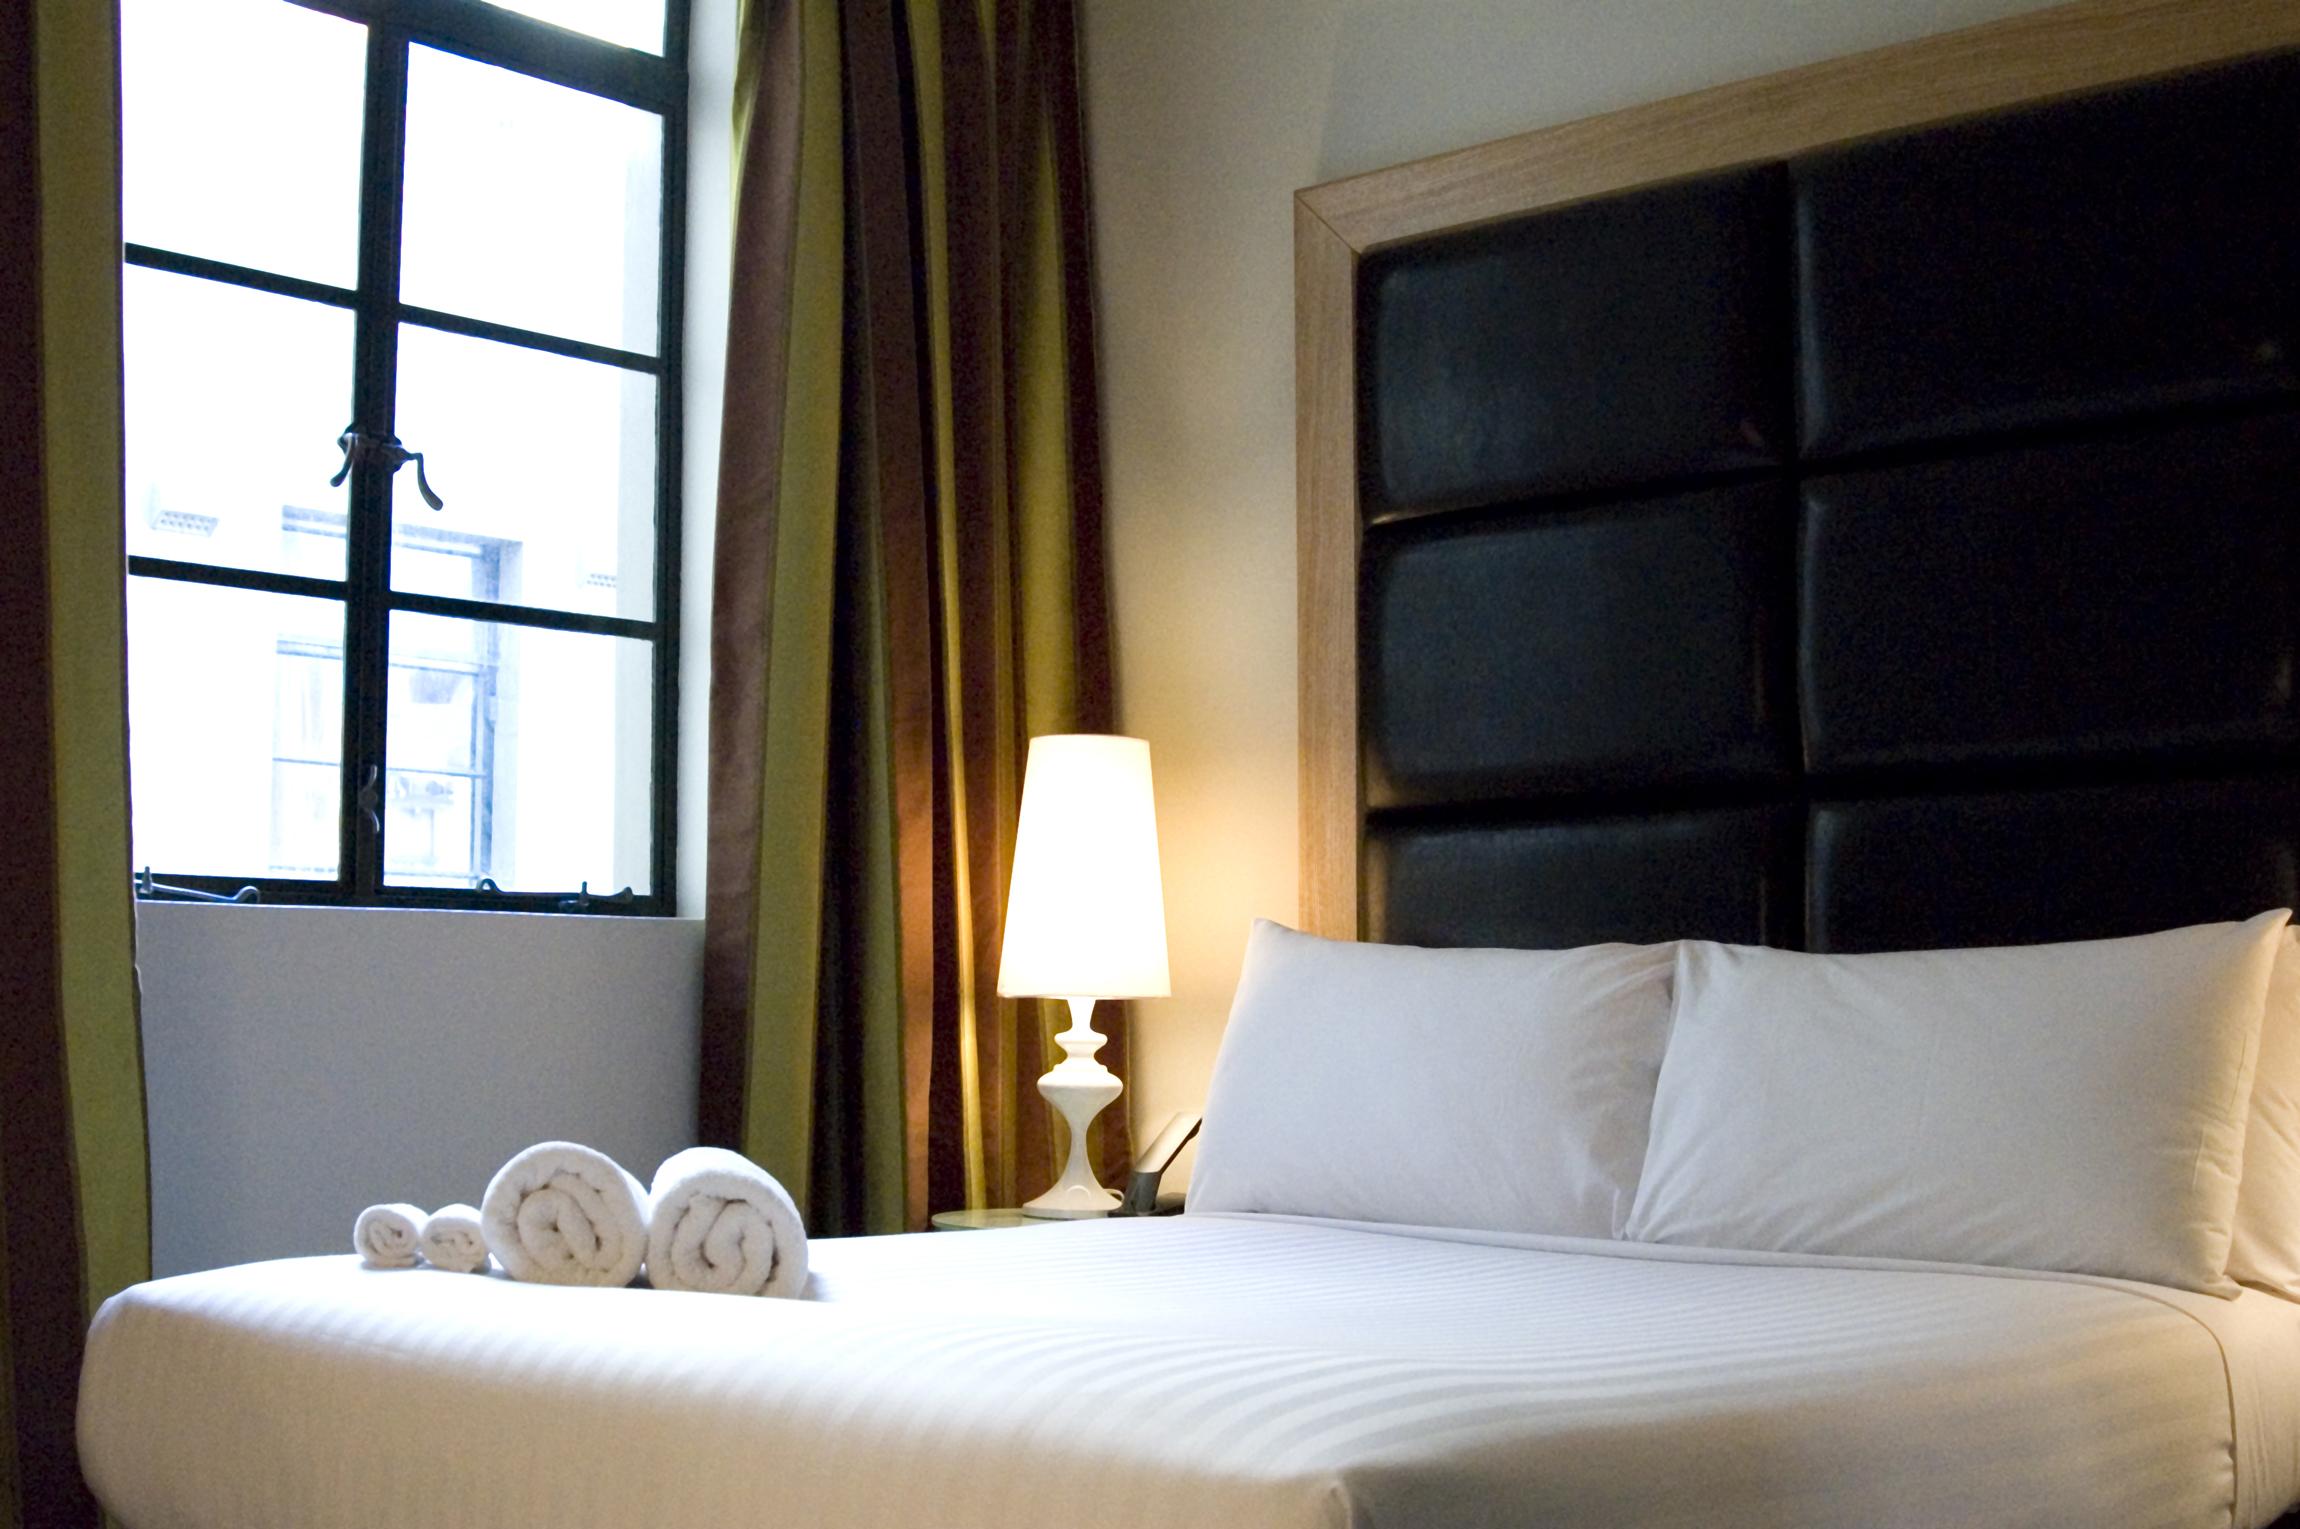 Deluxe-Room.jpg